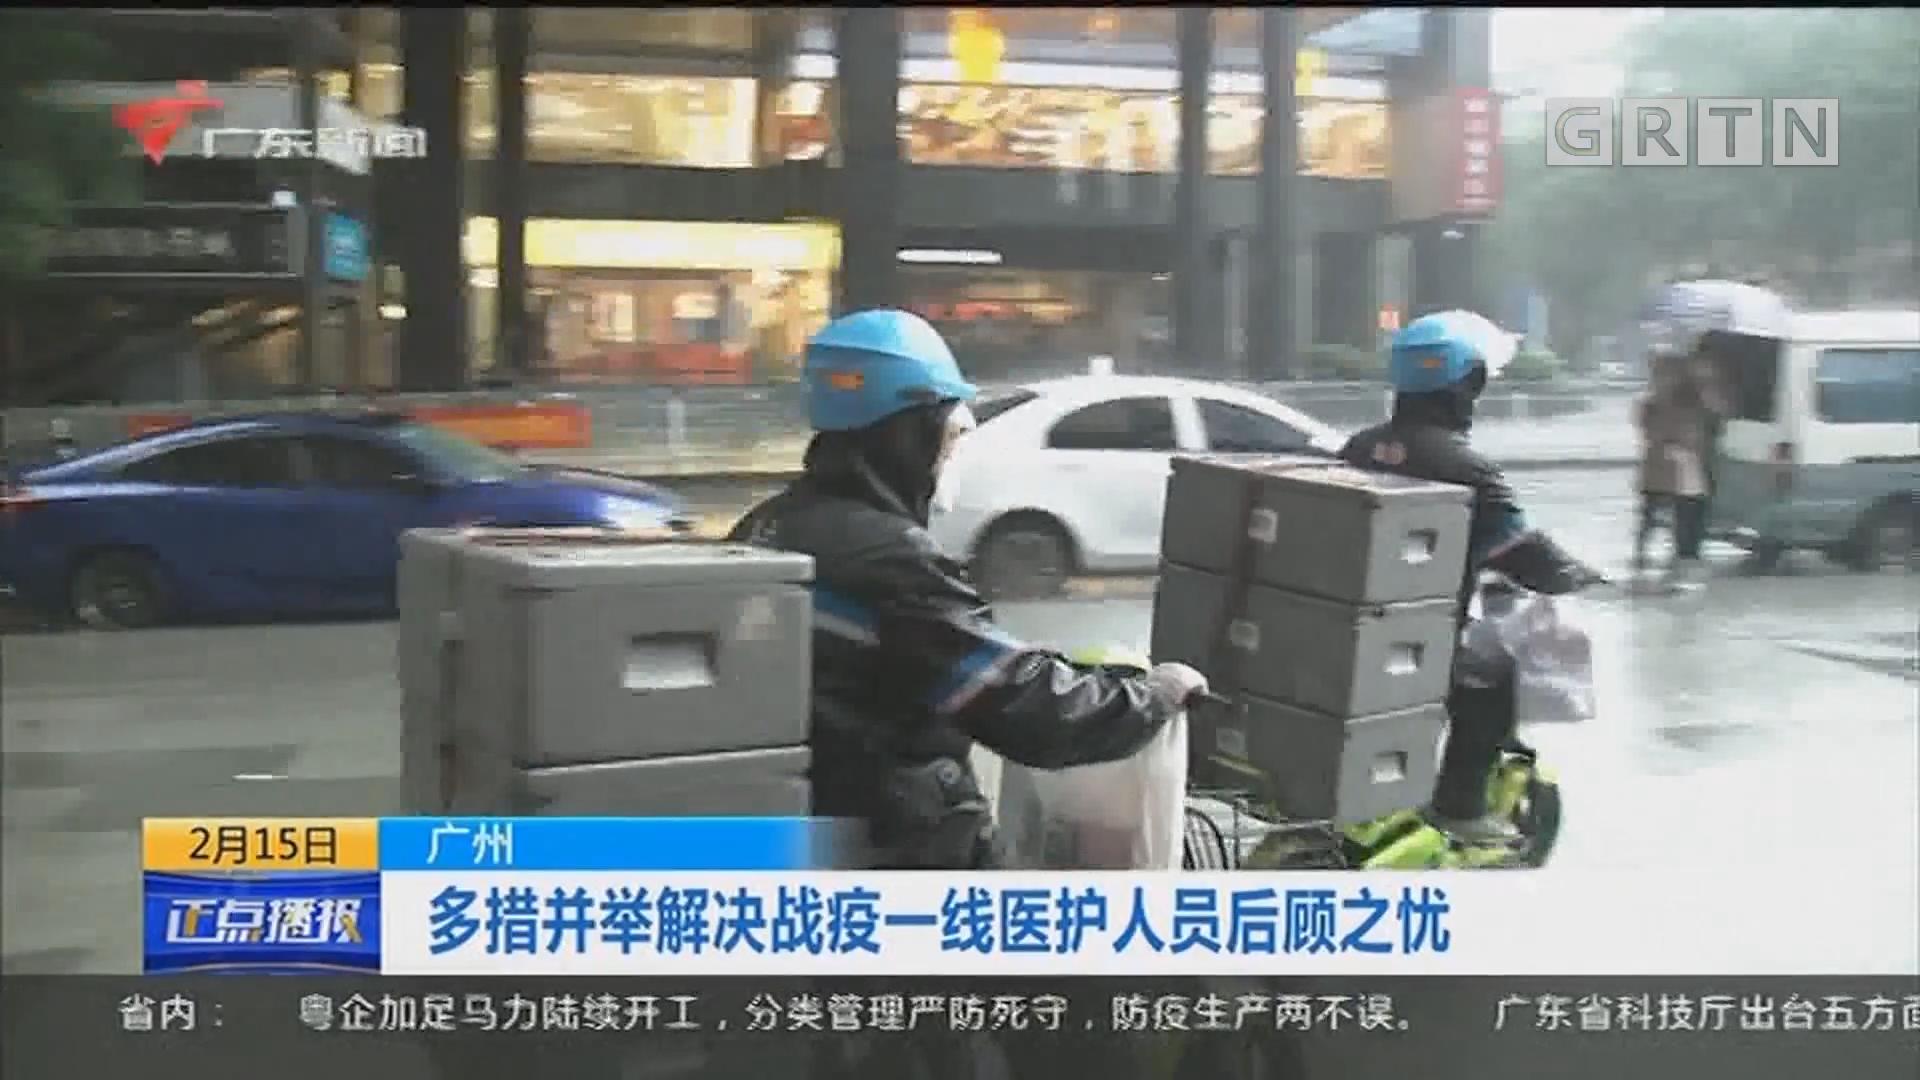 广州 多措并举解决战疫一线医护人员后顾之忧